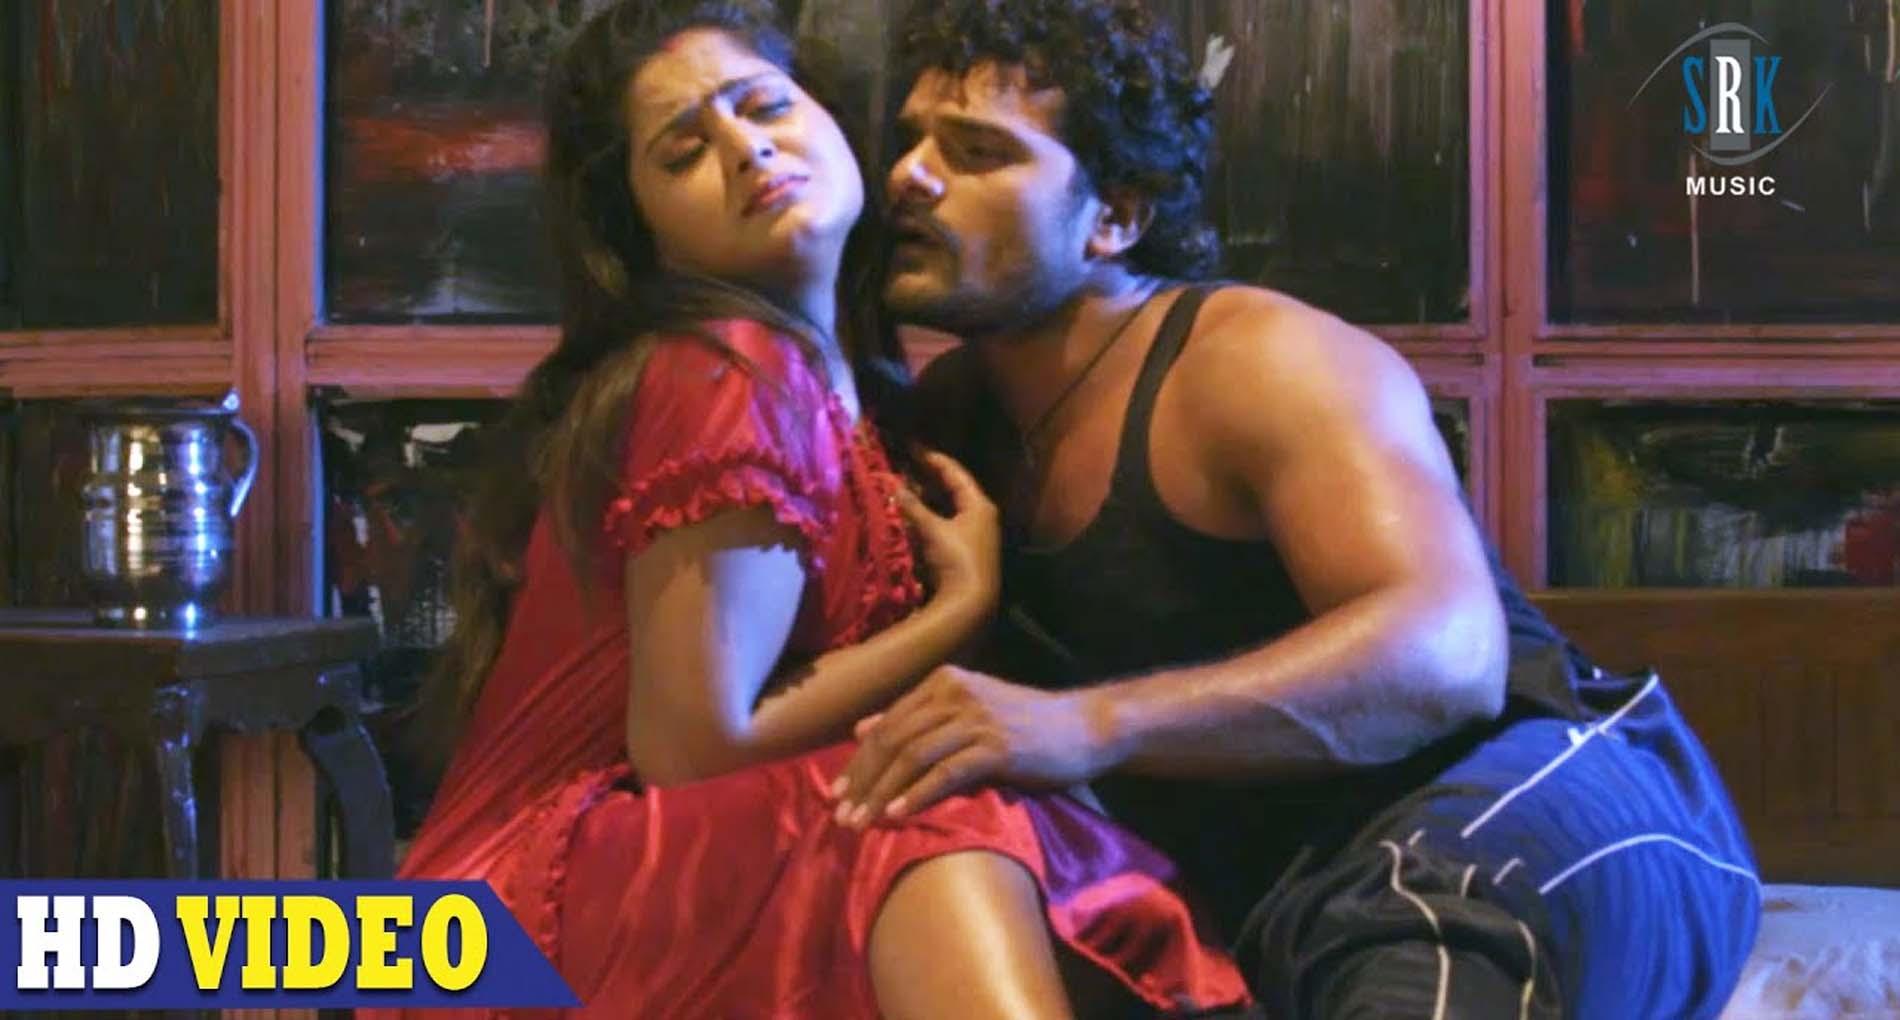 खेसारी लाल यादव और अंजना सिंह के भोजपुरी गाने 'कोरवा में कस के' की धूम! देखें वीडियो